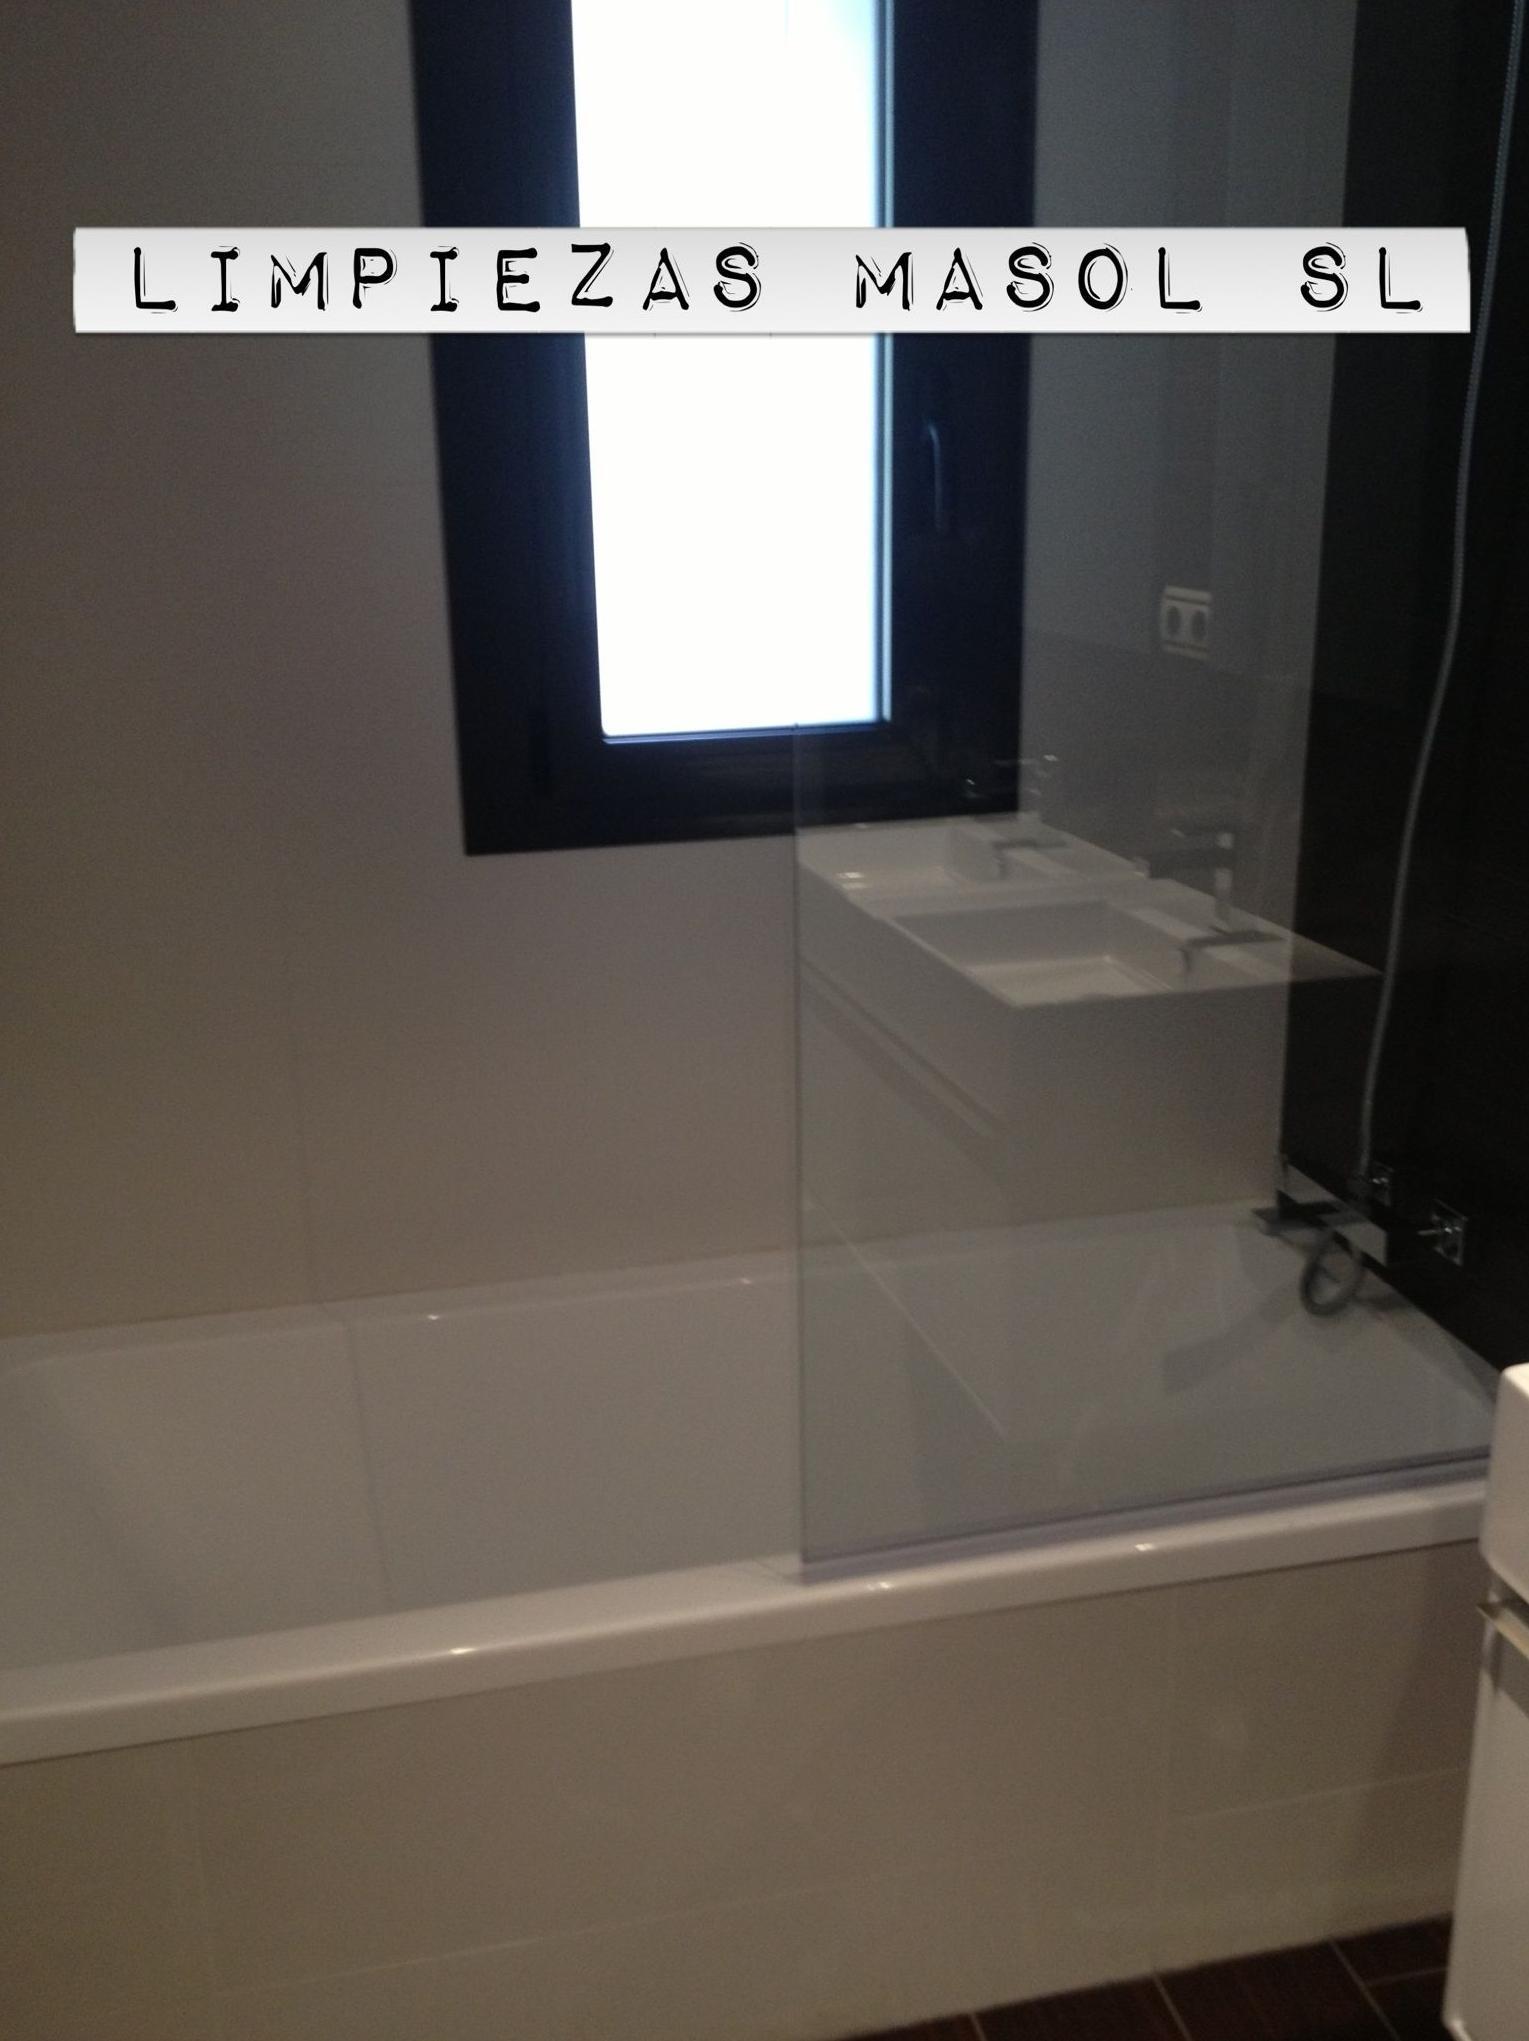 Foto 7 de Limpieza (empresas) en Zaragoza | Limpiezas Masol, S.L.